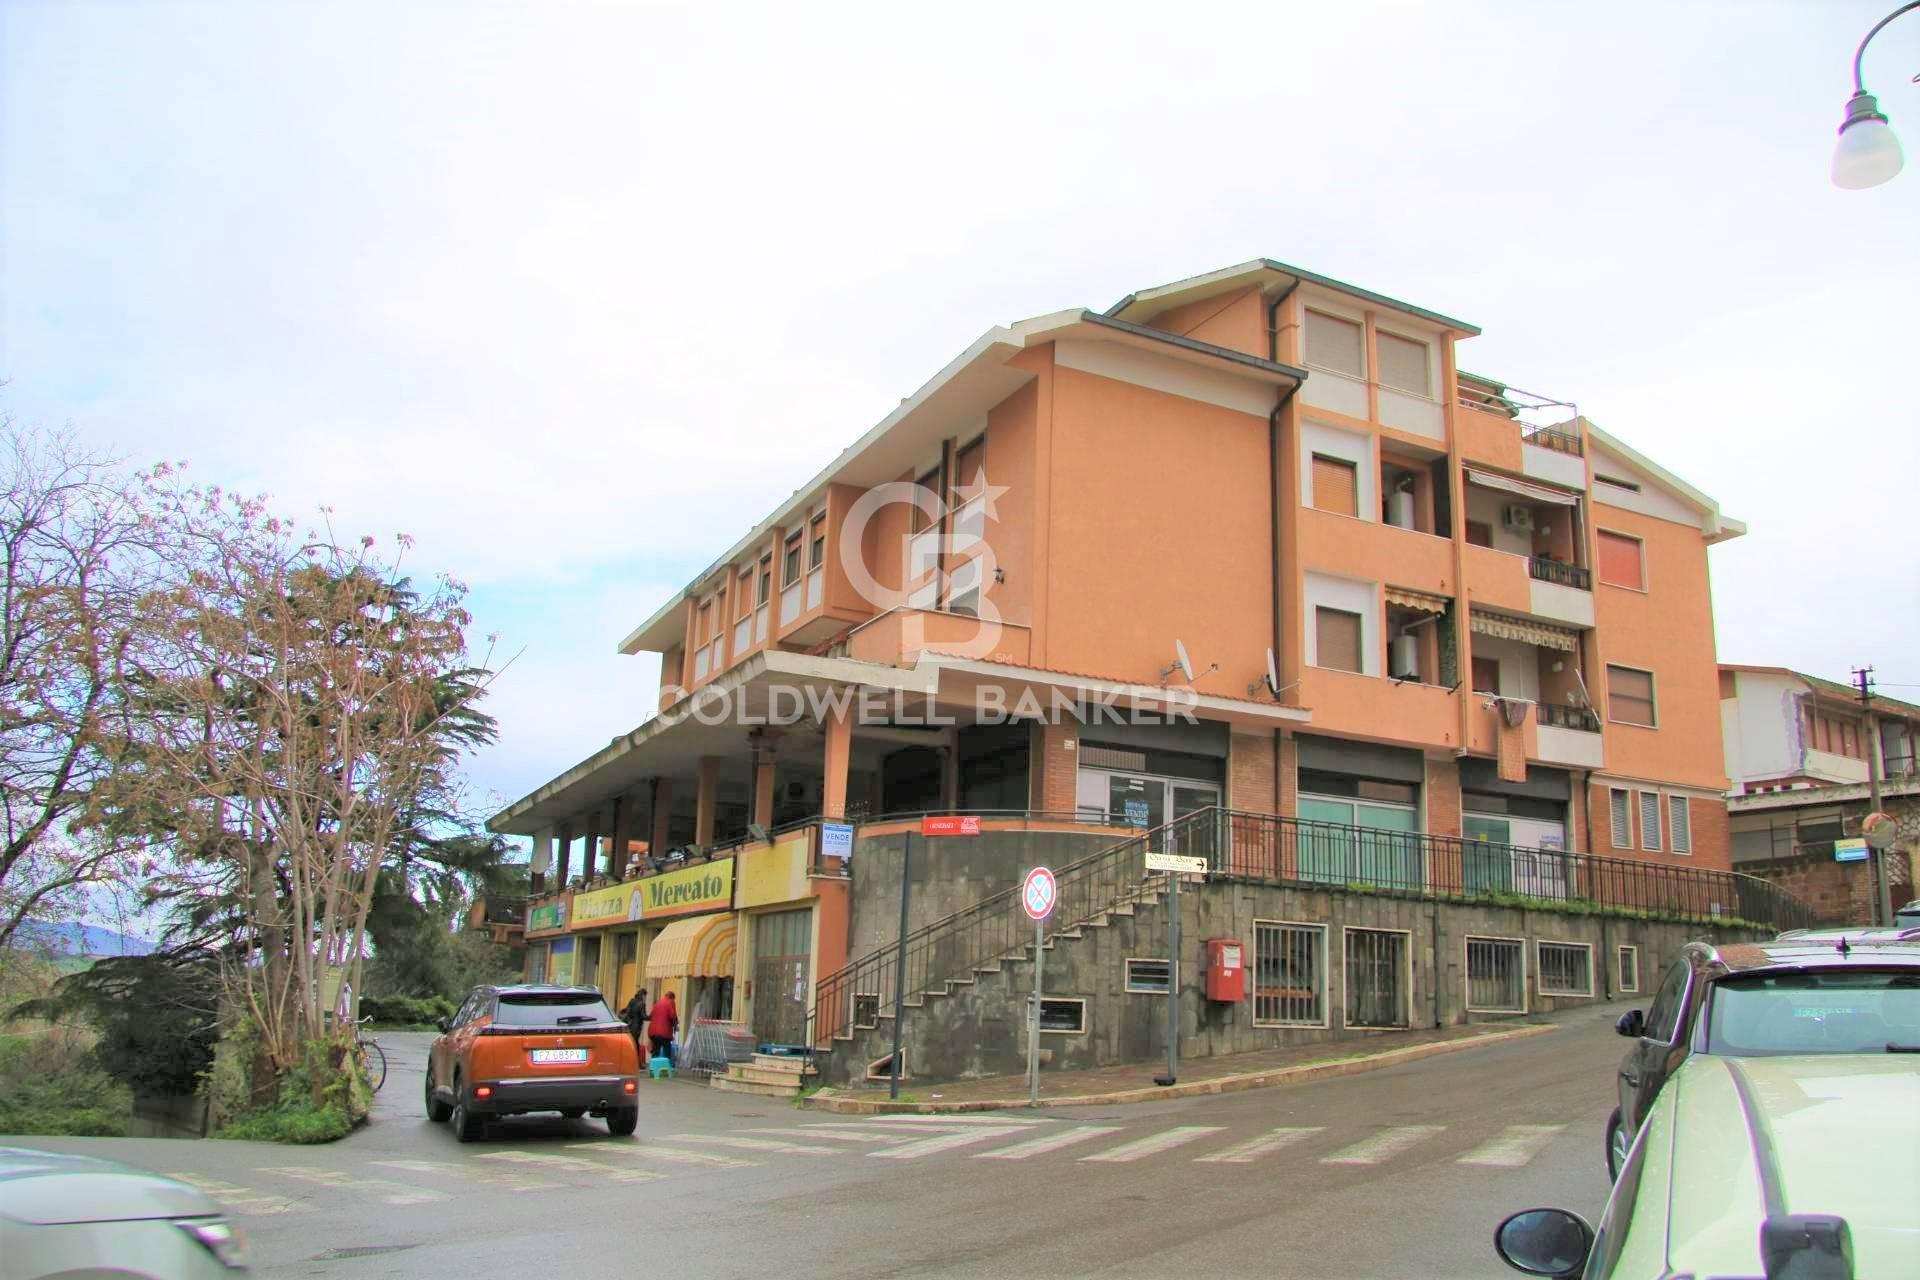 Negozio / Locale in vendita a Montalto di Castro, 9999 locali, zona Località: MontaltodiCastro, prezzo € 130.000   CambioCasa.it